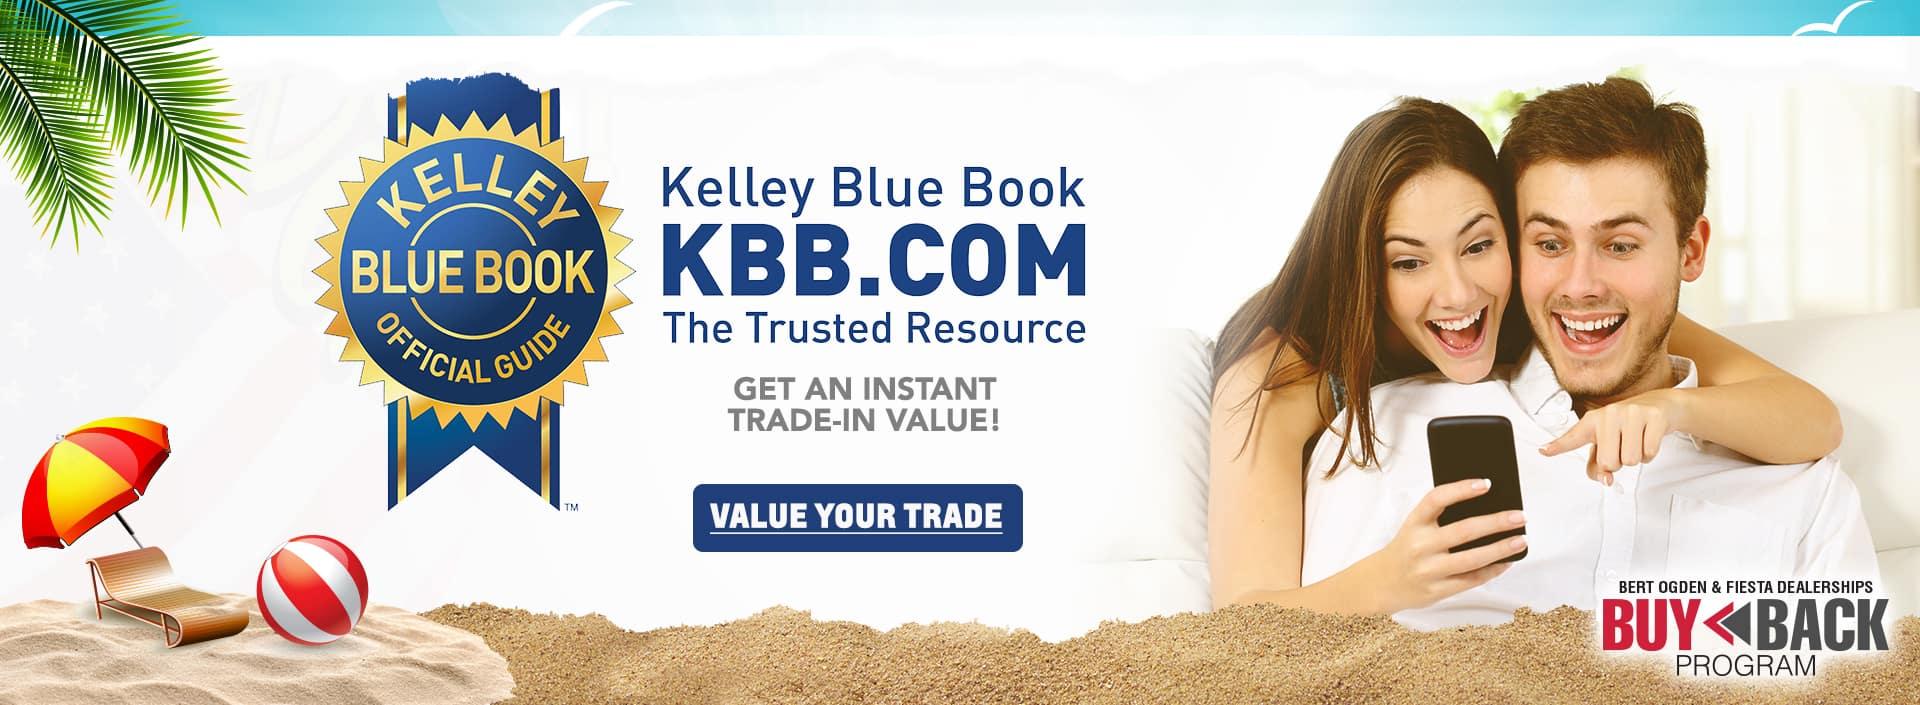 KBB_Value_Trade_Summer01